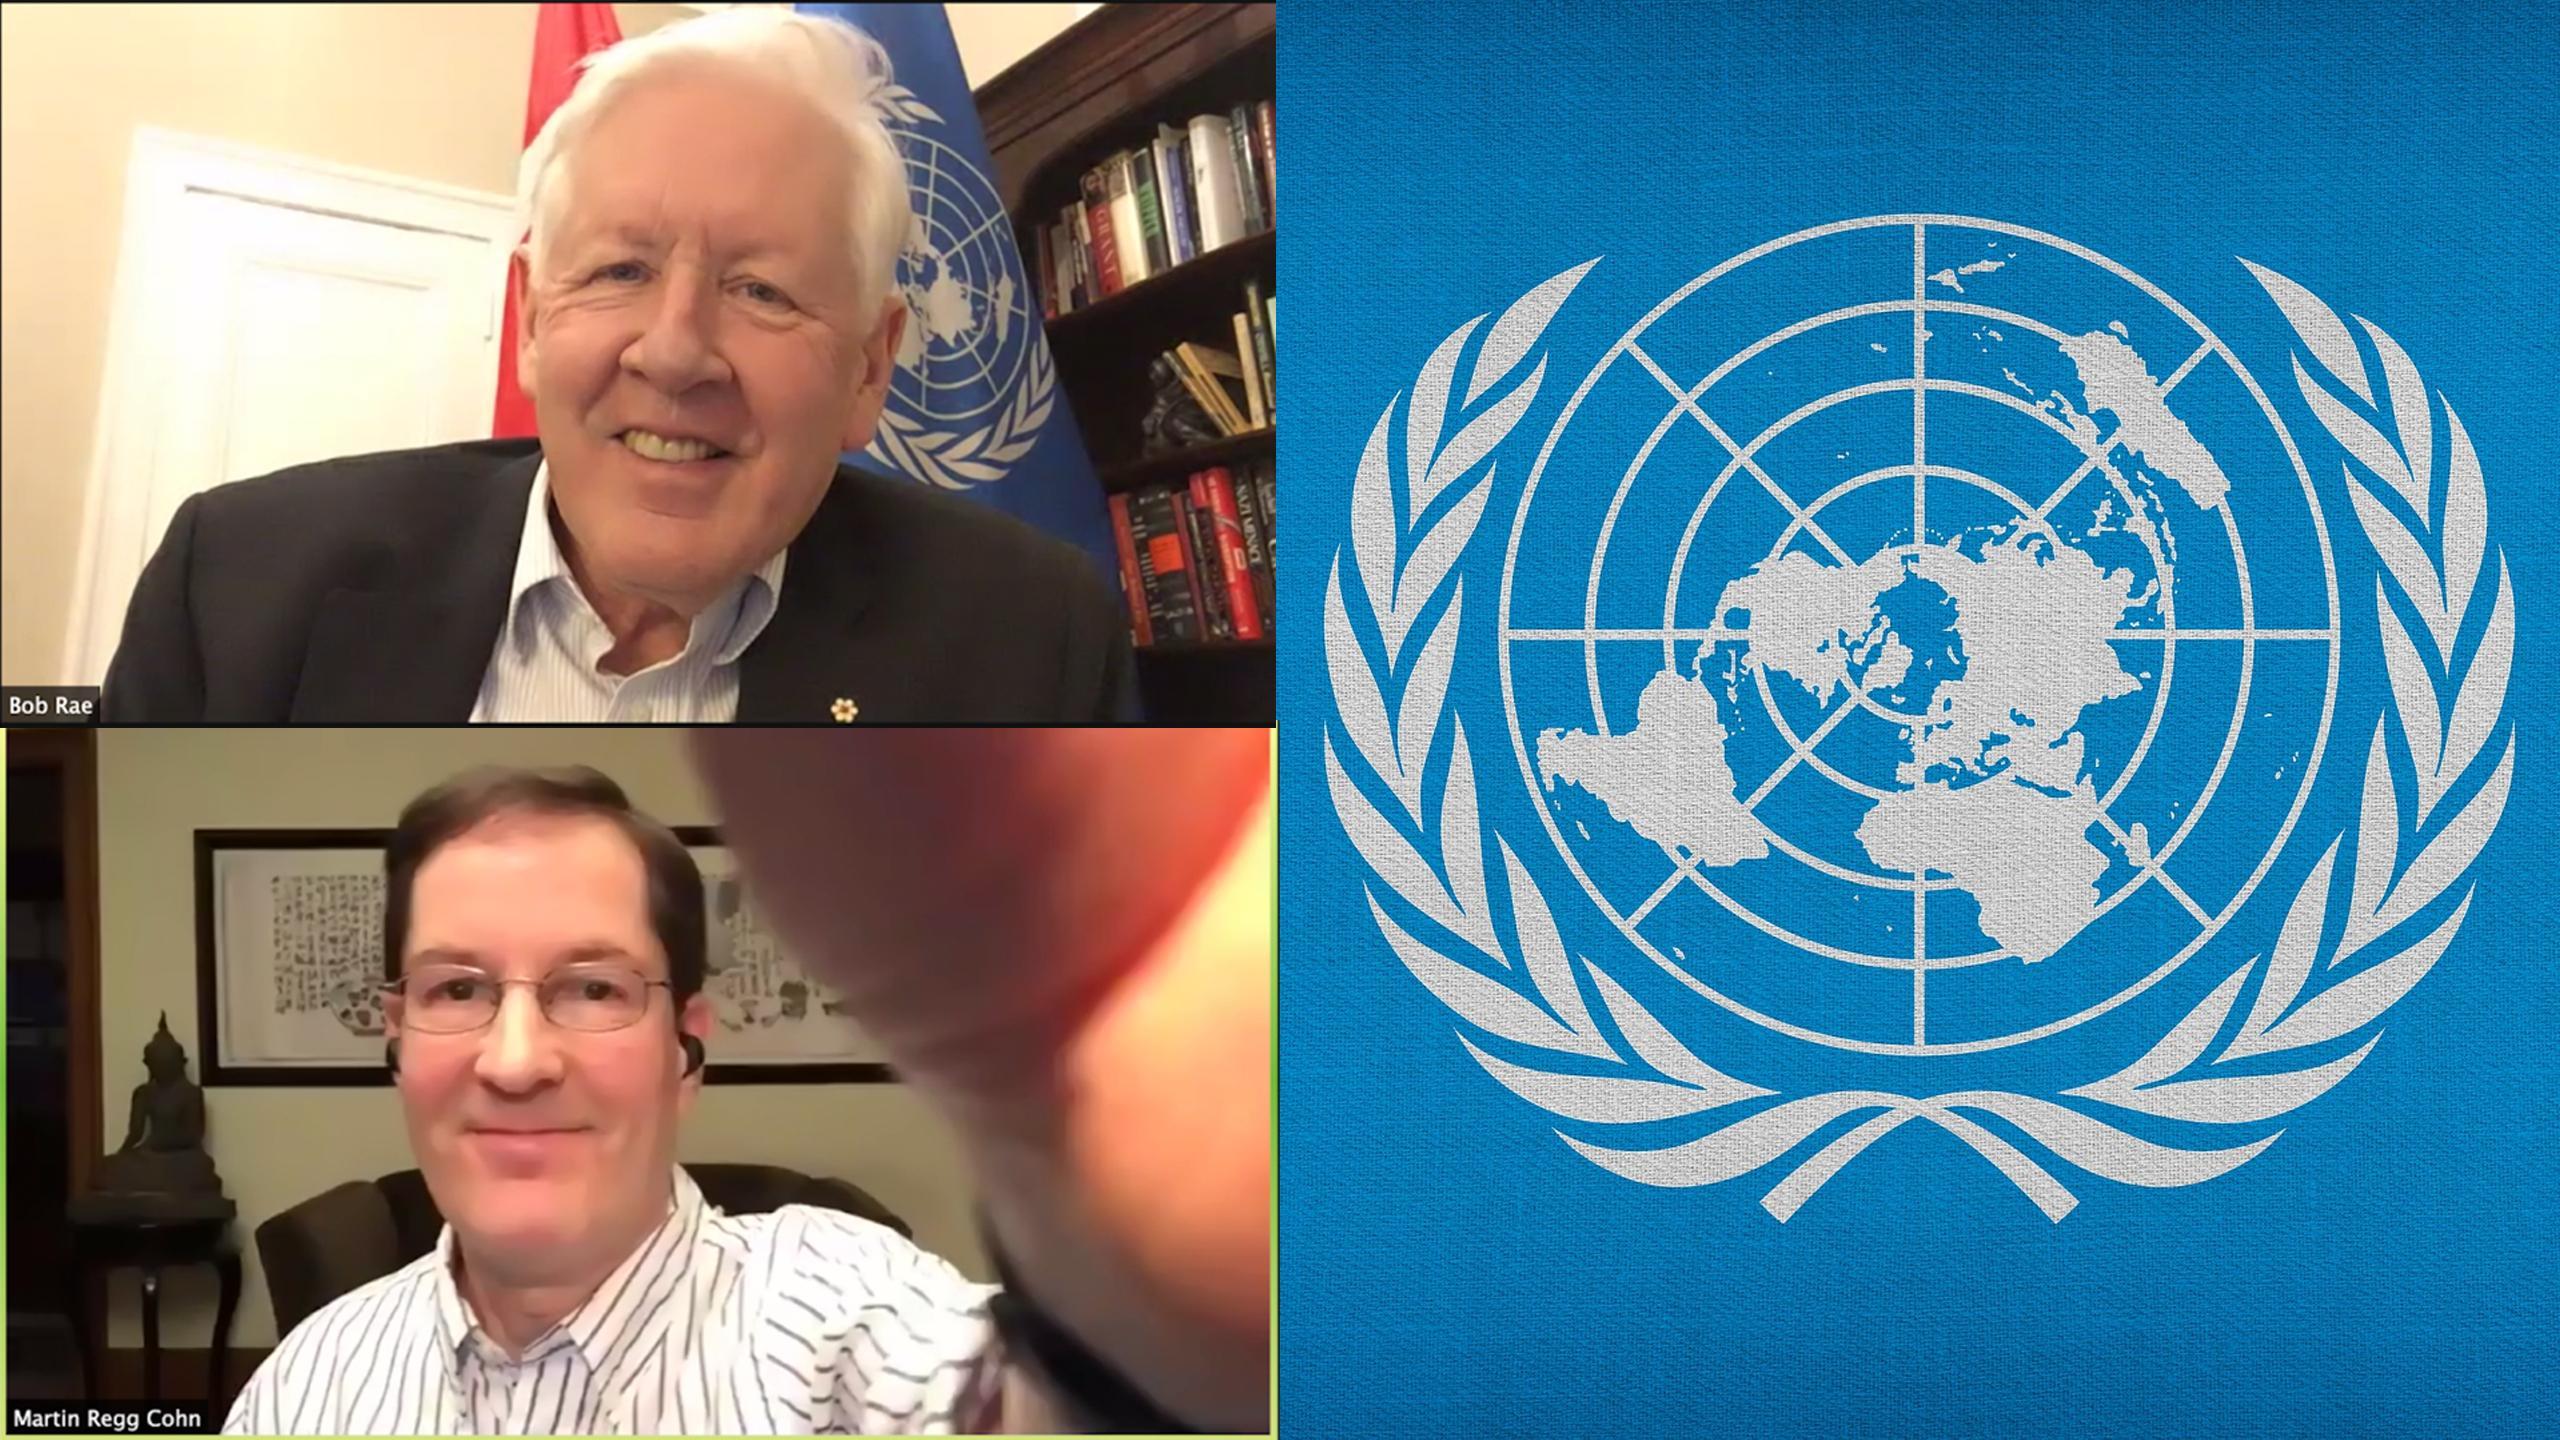 U.N. Ambassador Bob Rae weighs in on world affairs with Ryerson's Democracy Forum